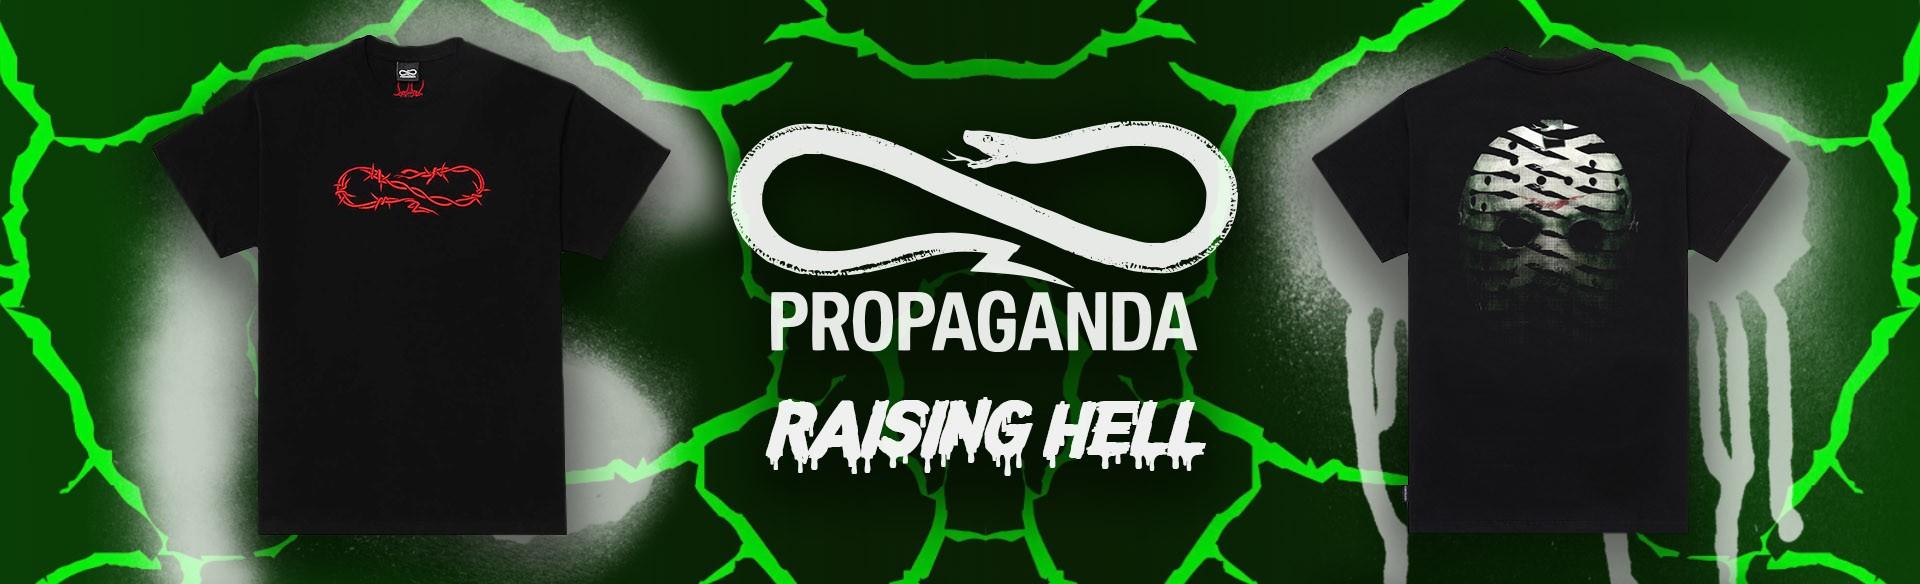 Propaganda Raising Hell